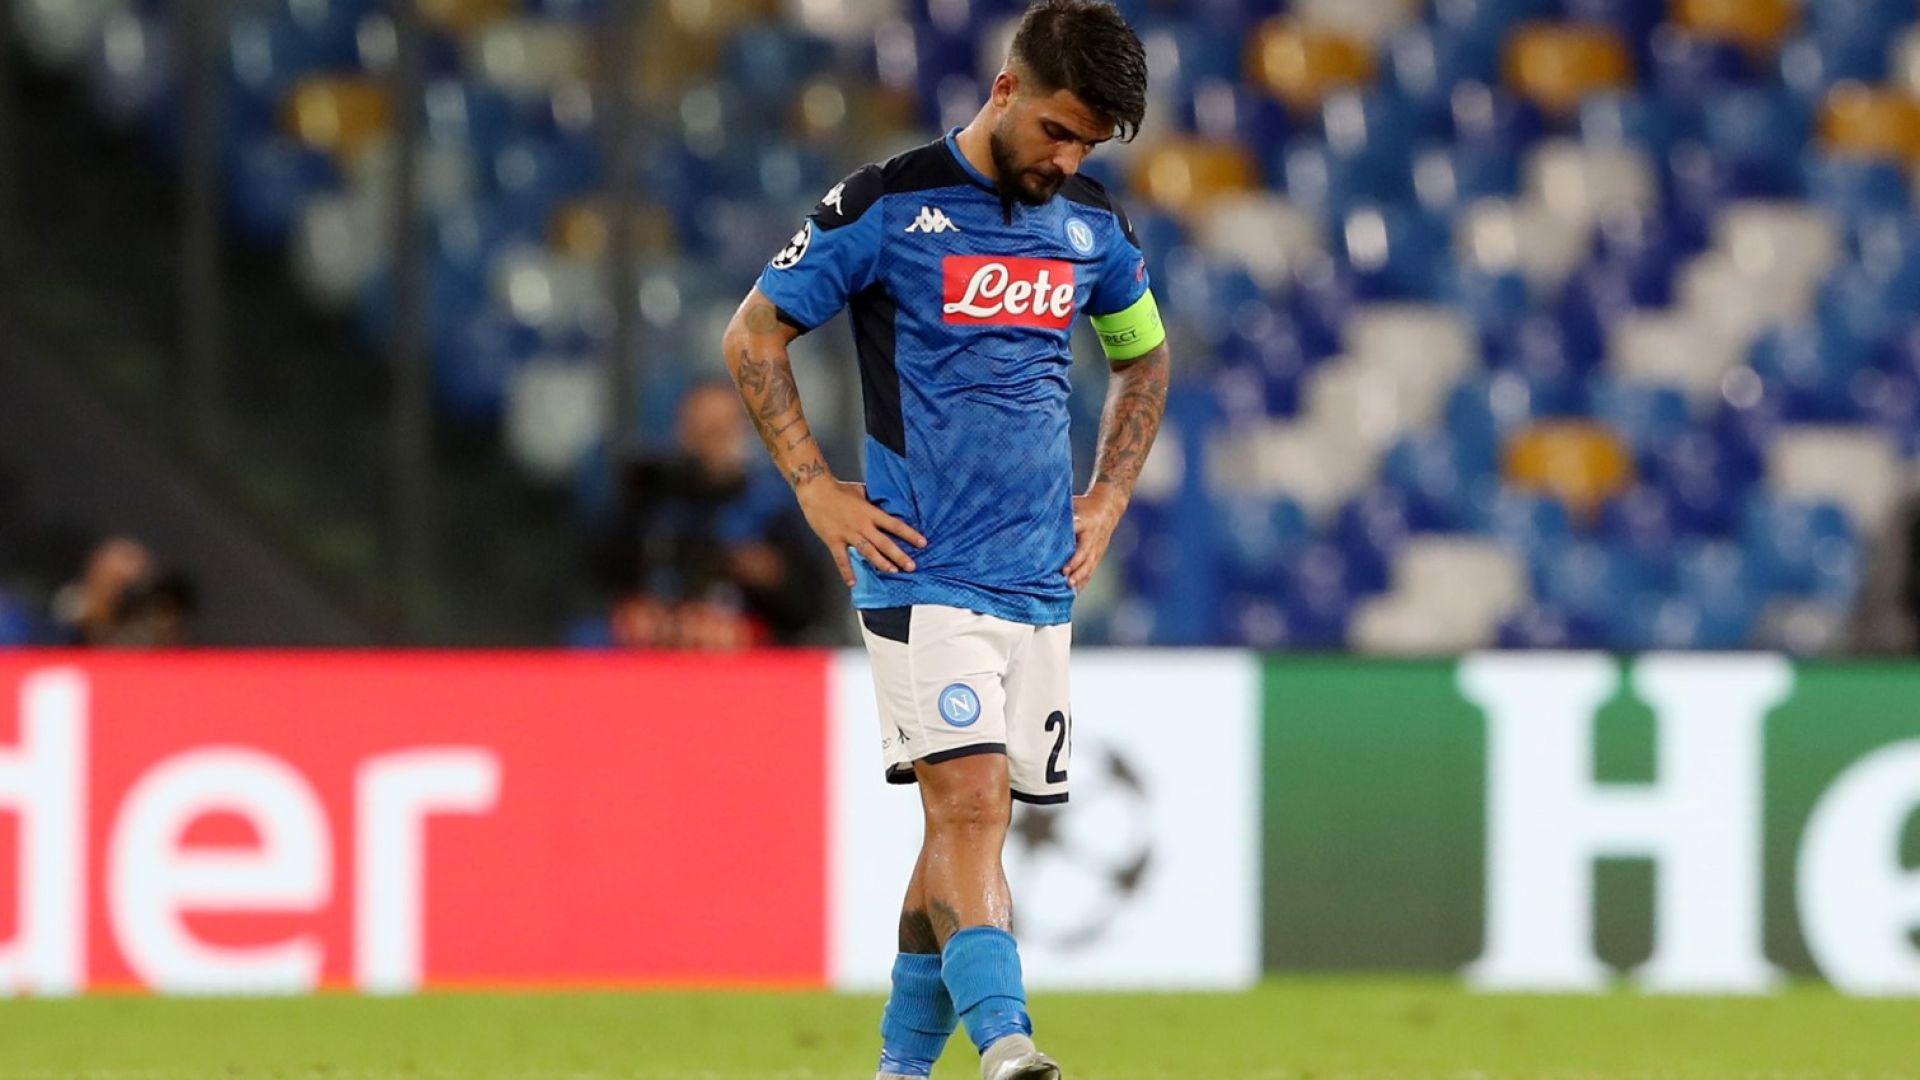 Тежки дни в Неапол - клубът съди играчите, а фенове искат да ги линчуват